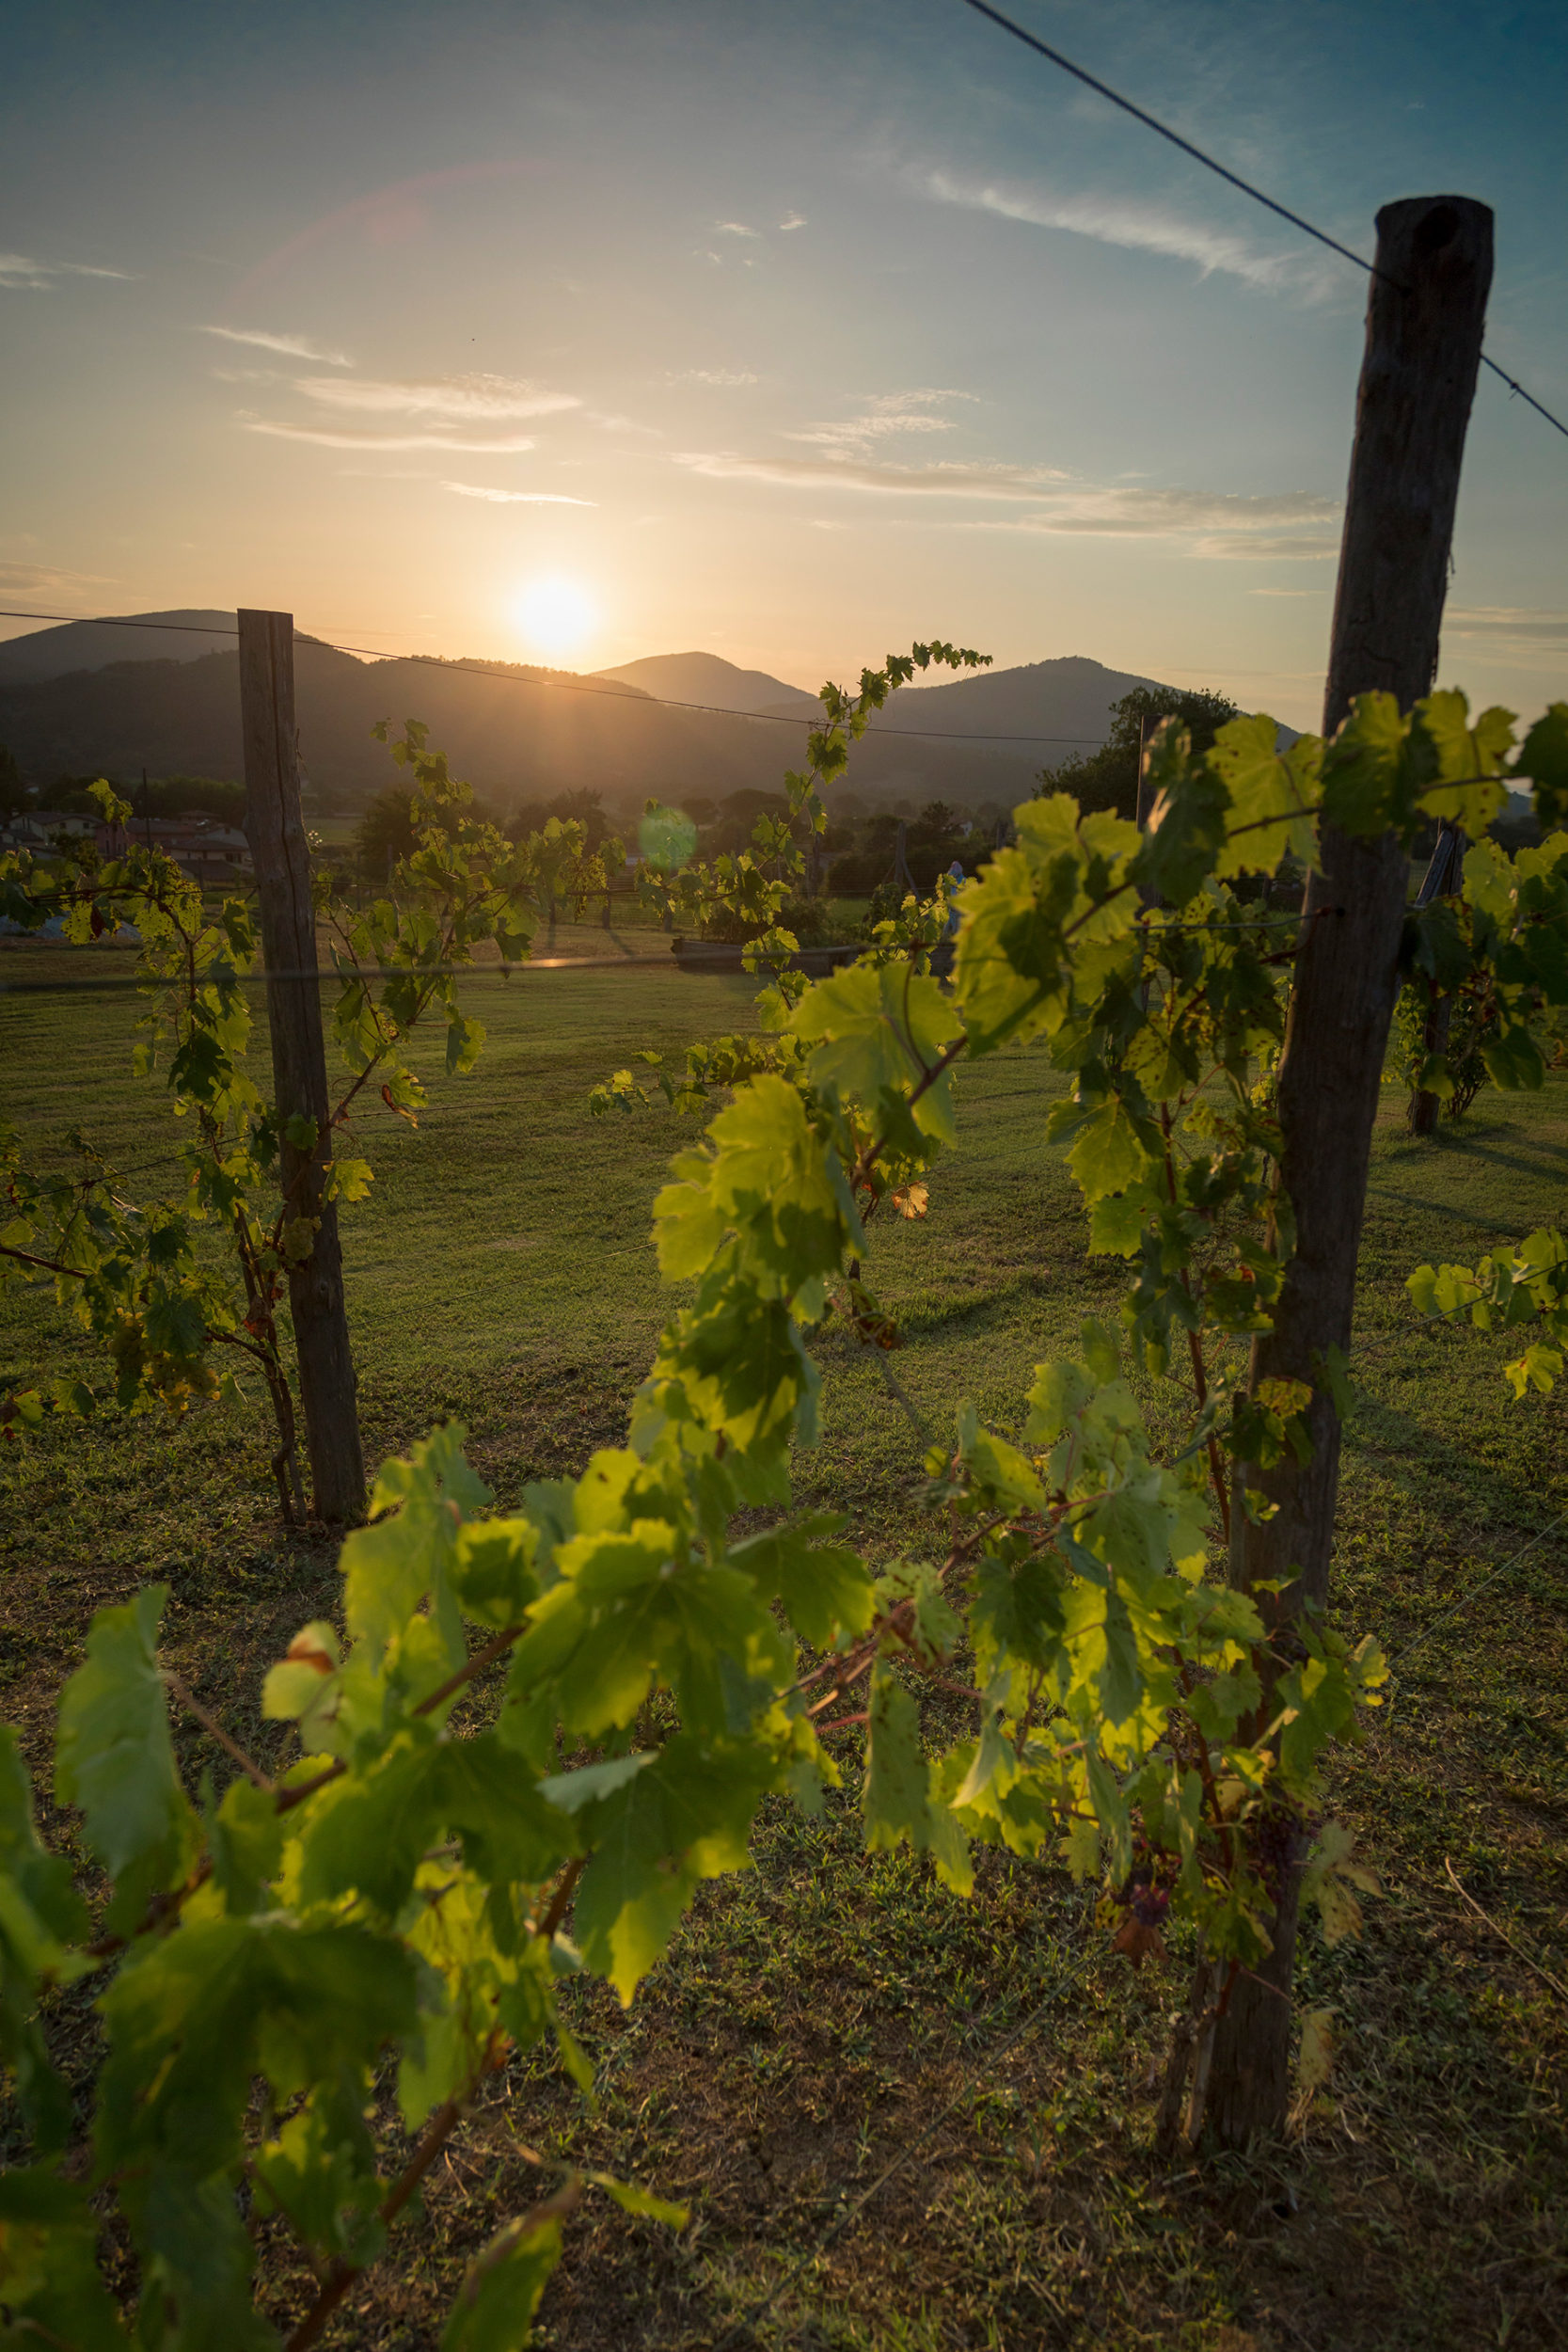 Sunset in Umbria, Italy